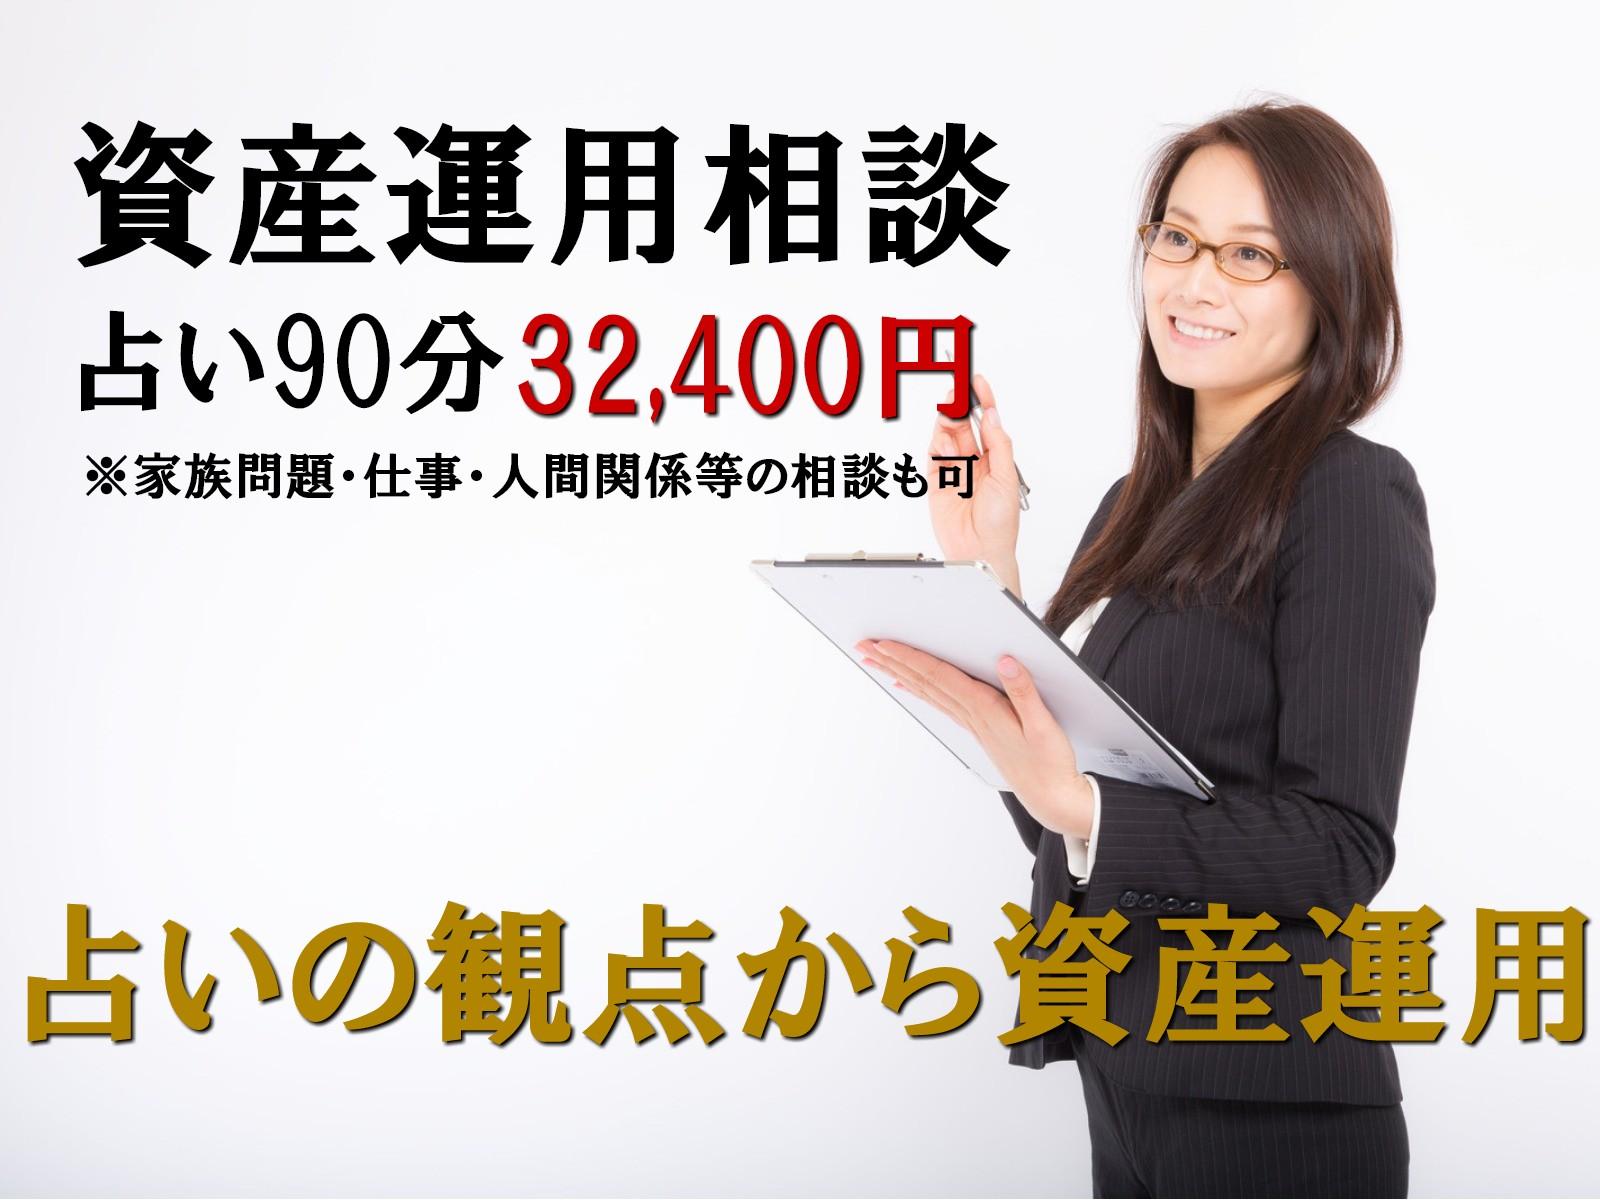 投資占いなら占い館BCAFE(ビーカフェ)渋谷店にお任せ!個人情報を守る完全個室にて、四柱推命・西洋占星術・数秘術・タロットなどを駆使しアナタに合う投資・資産運用アドバイスを行います。